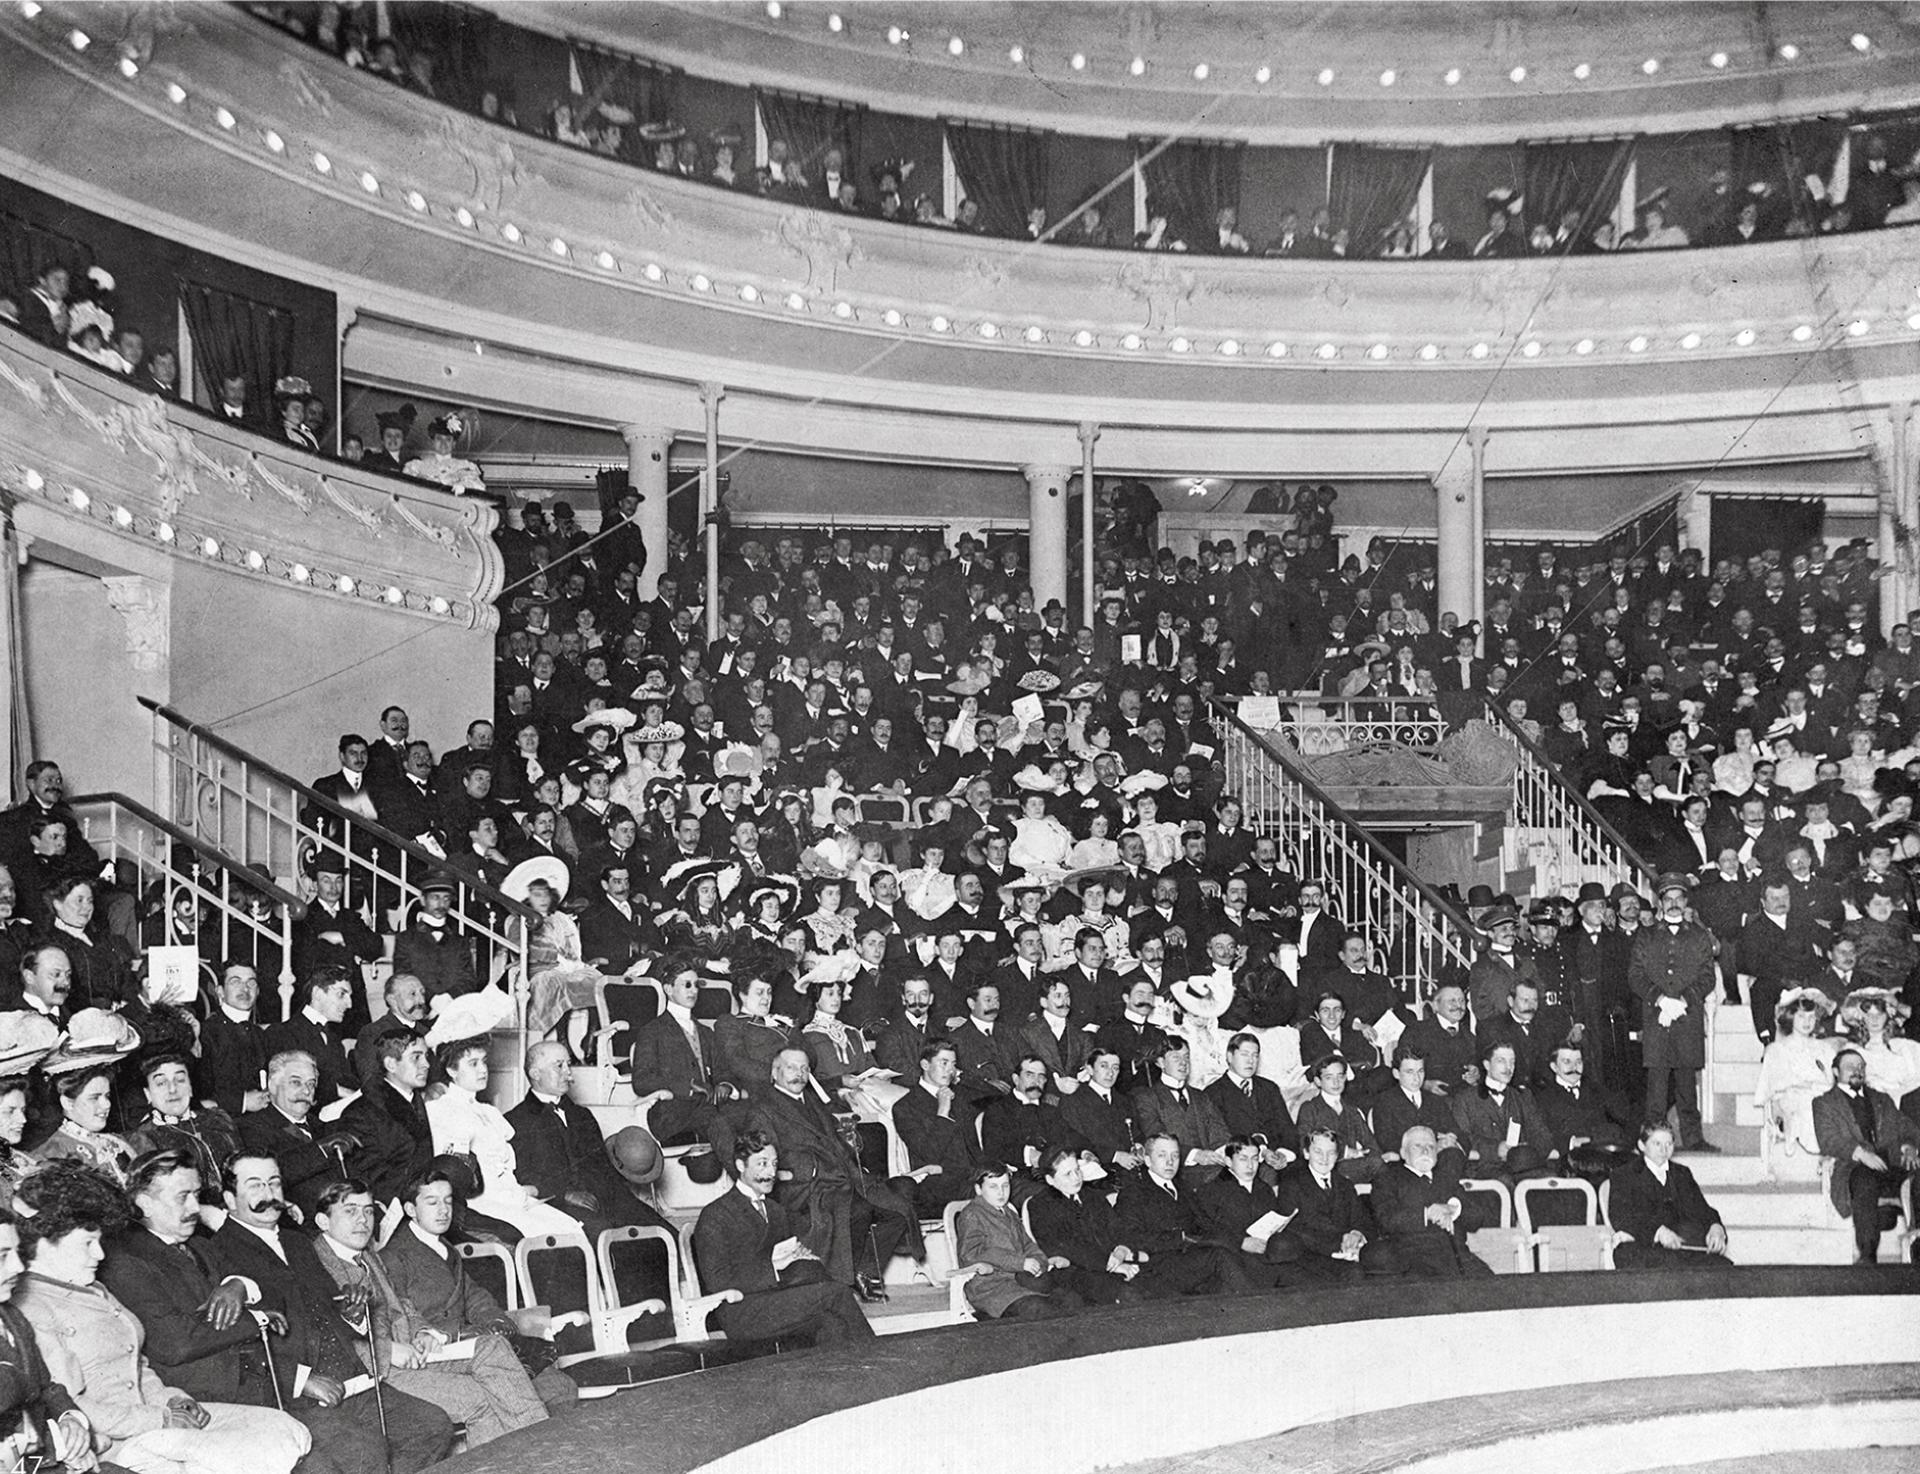 Entreacto en función de circo en Teatro Coliseo Argentino, en 1905 (Archivo General de la Nación)